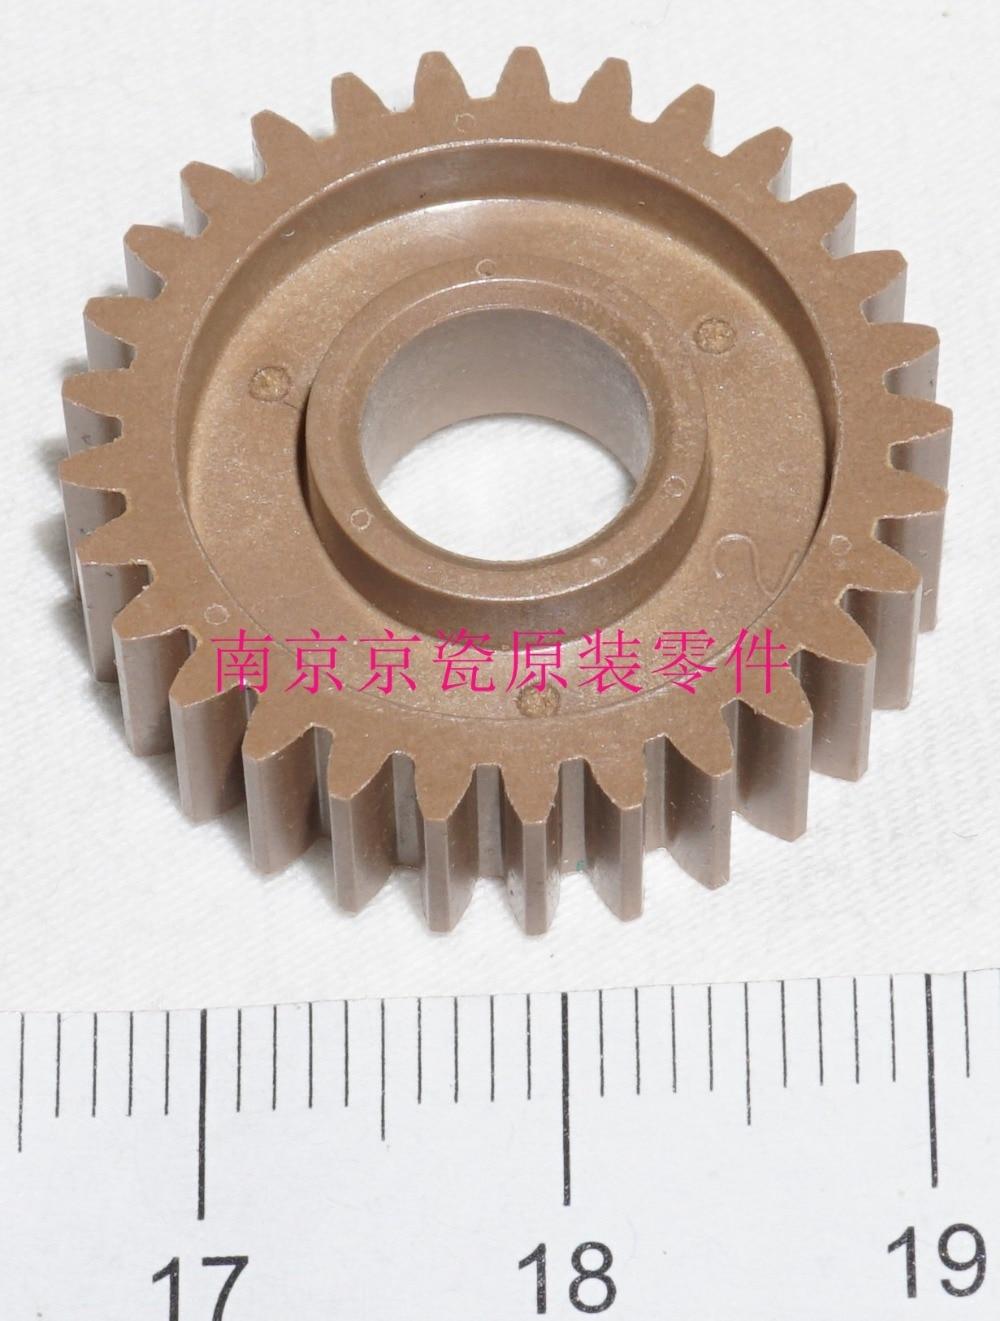 New Original Kyocera 302F925080 GEAR IDLE Z29 for:FS-1300 1028 1128